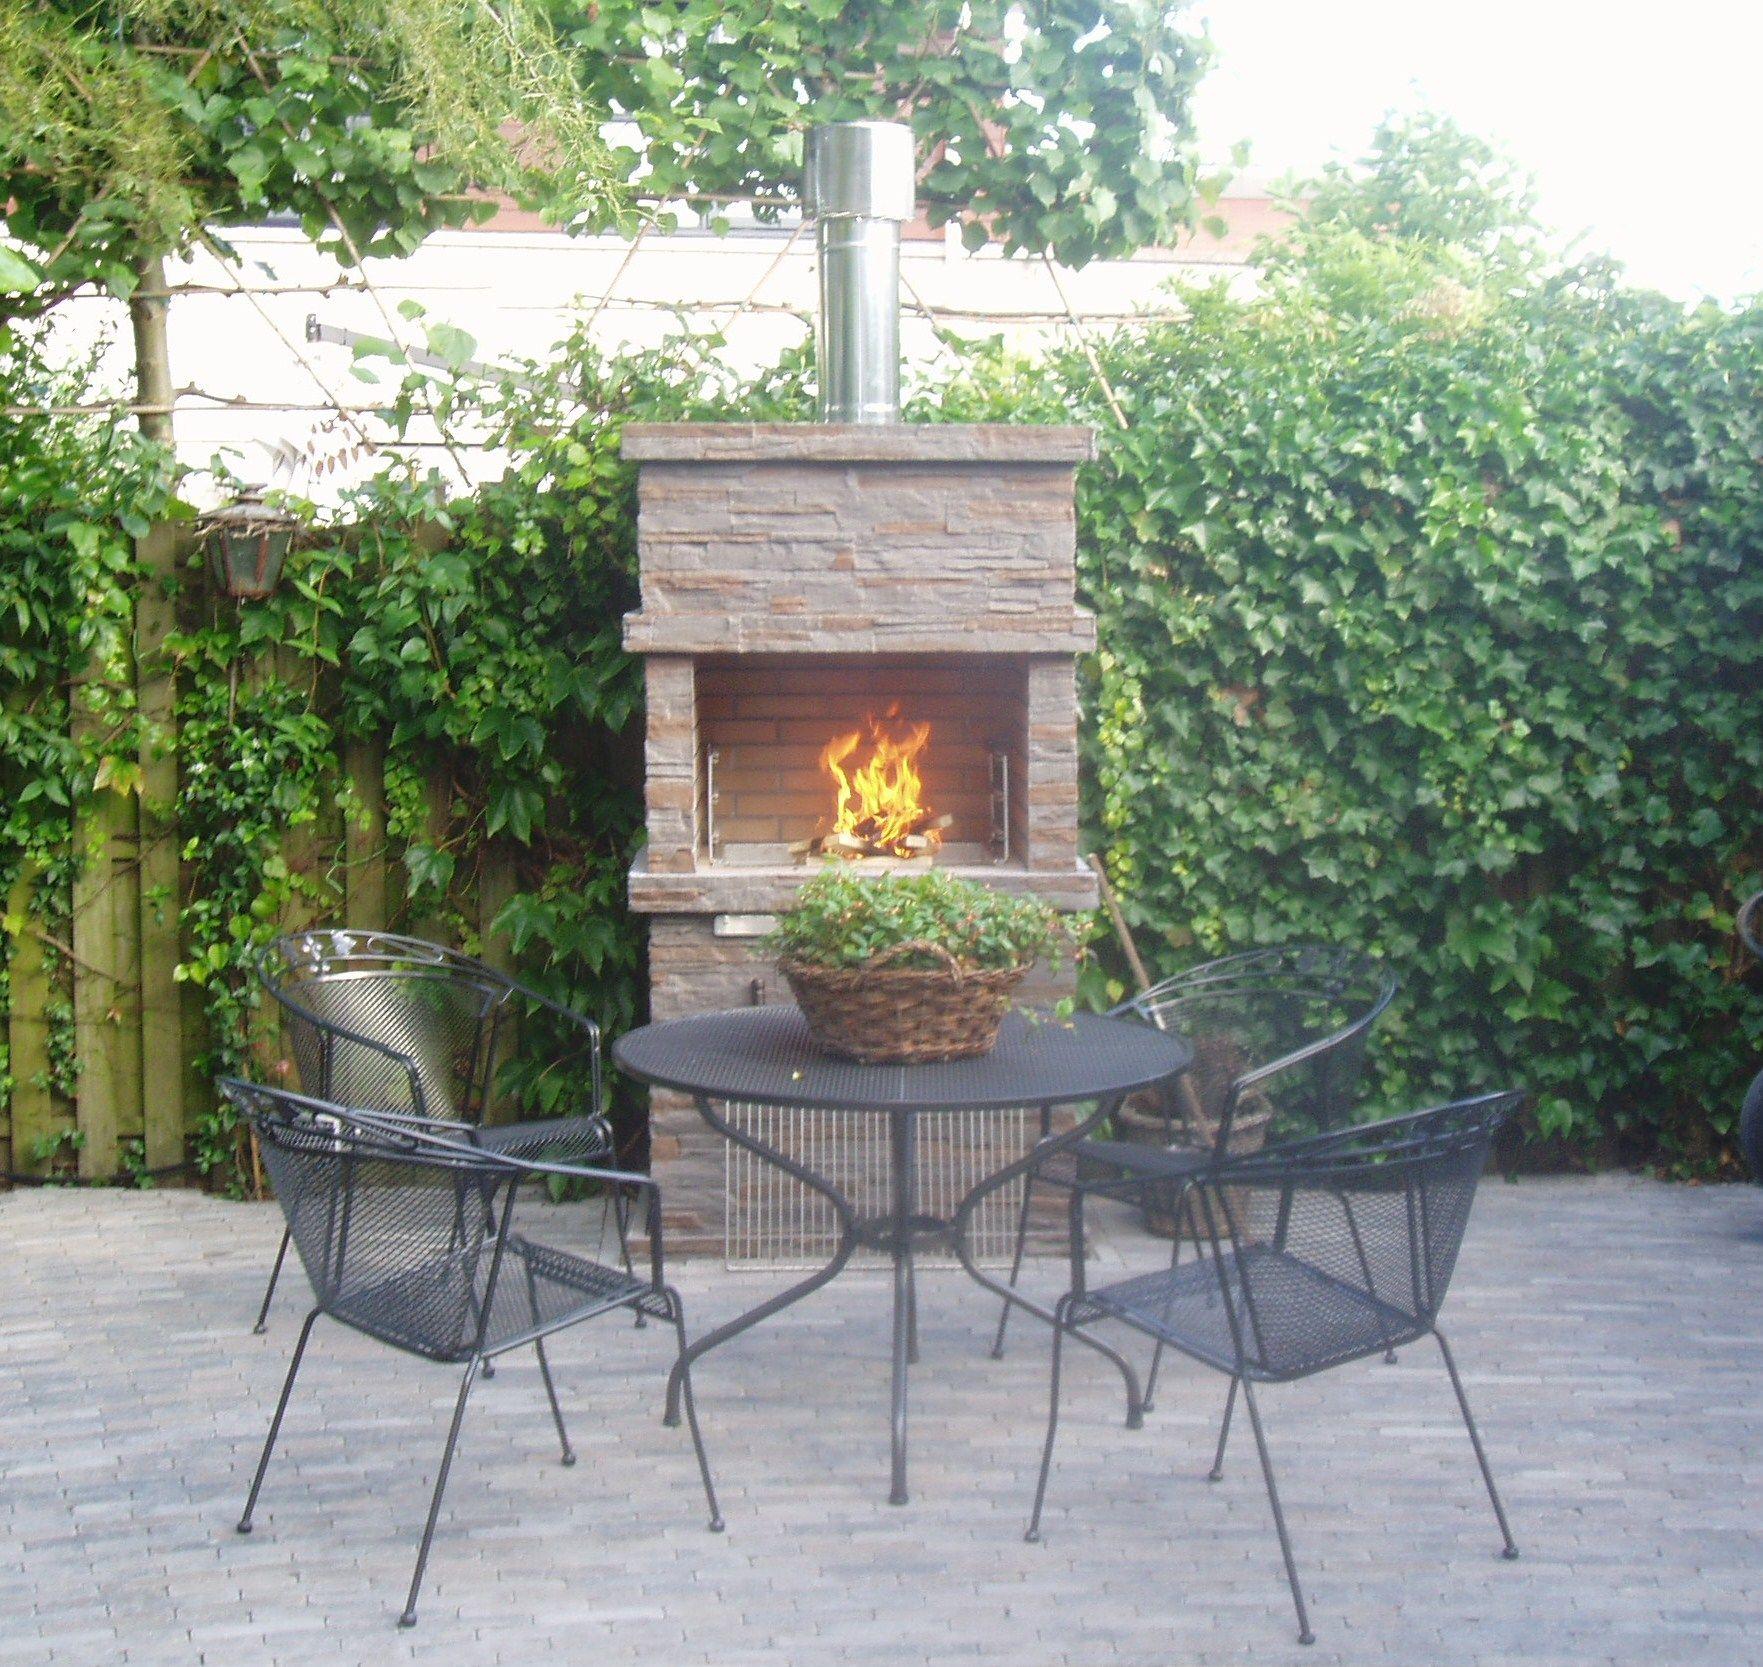 Uitzonderlijk betonnen tuinhaard, stenen terrashaard   Berry's outdoor place EA33